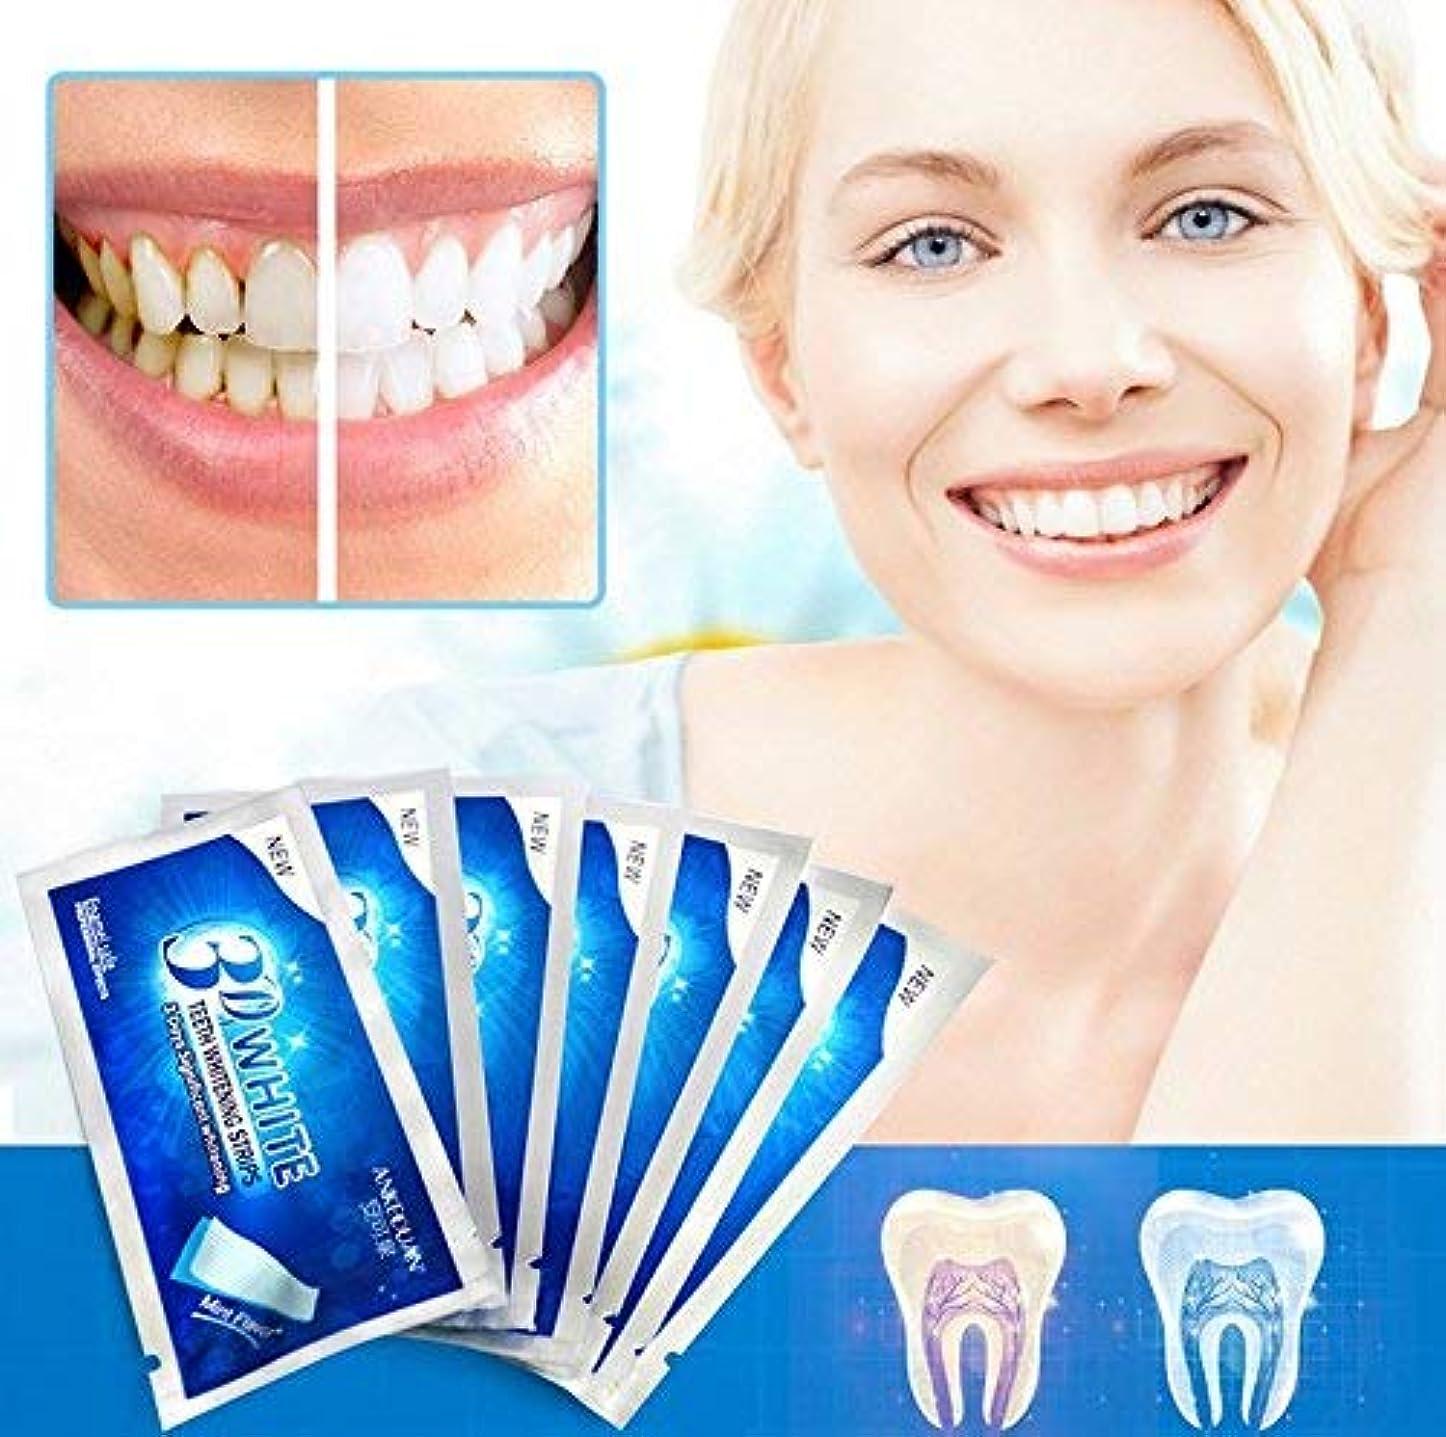 外部むちゃくちゃ活気づく歯 美白 歯 ホワイトニング 歯 ケア 歯磨き 歯マニキュア 歯を白 (14)